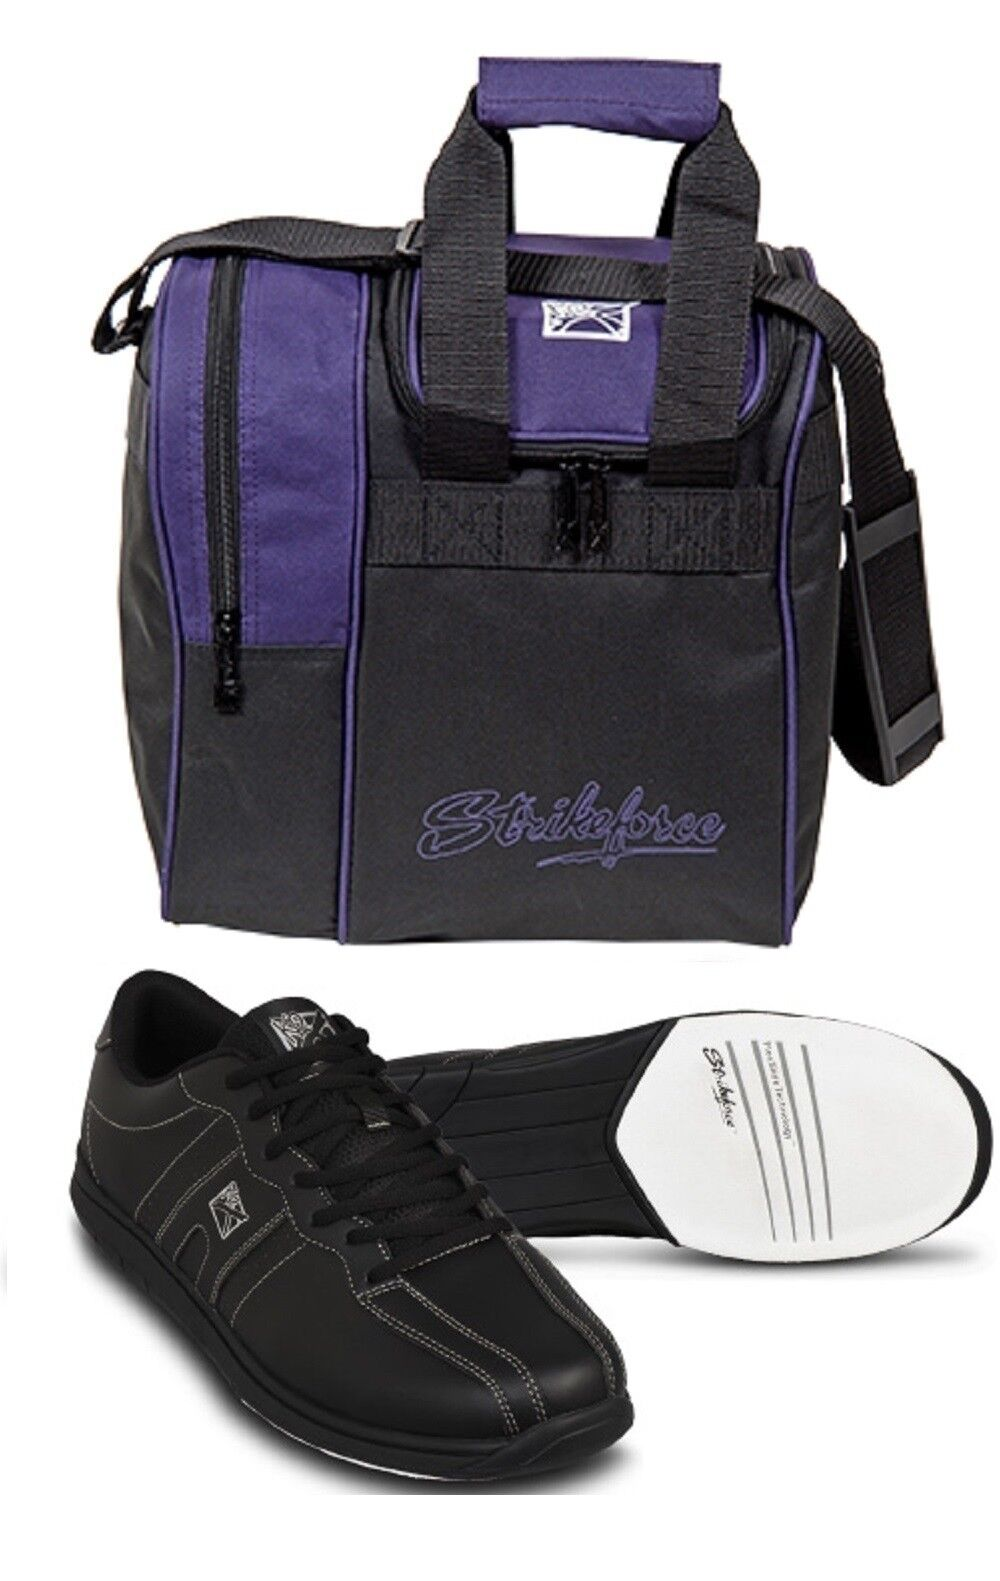 Mens KR Strikeforce Bowling Shoes Color Black Sizes 6-11 & P